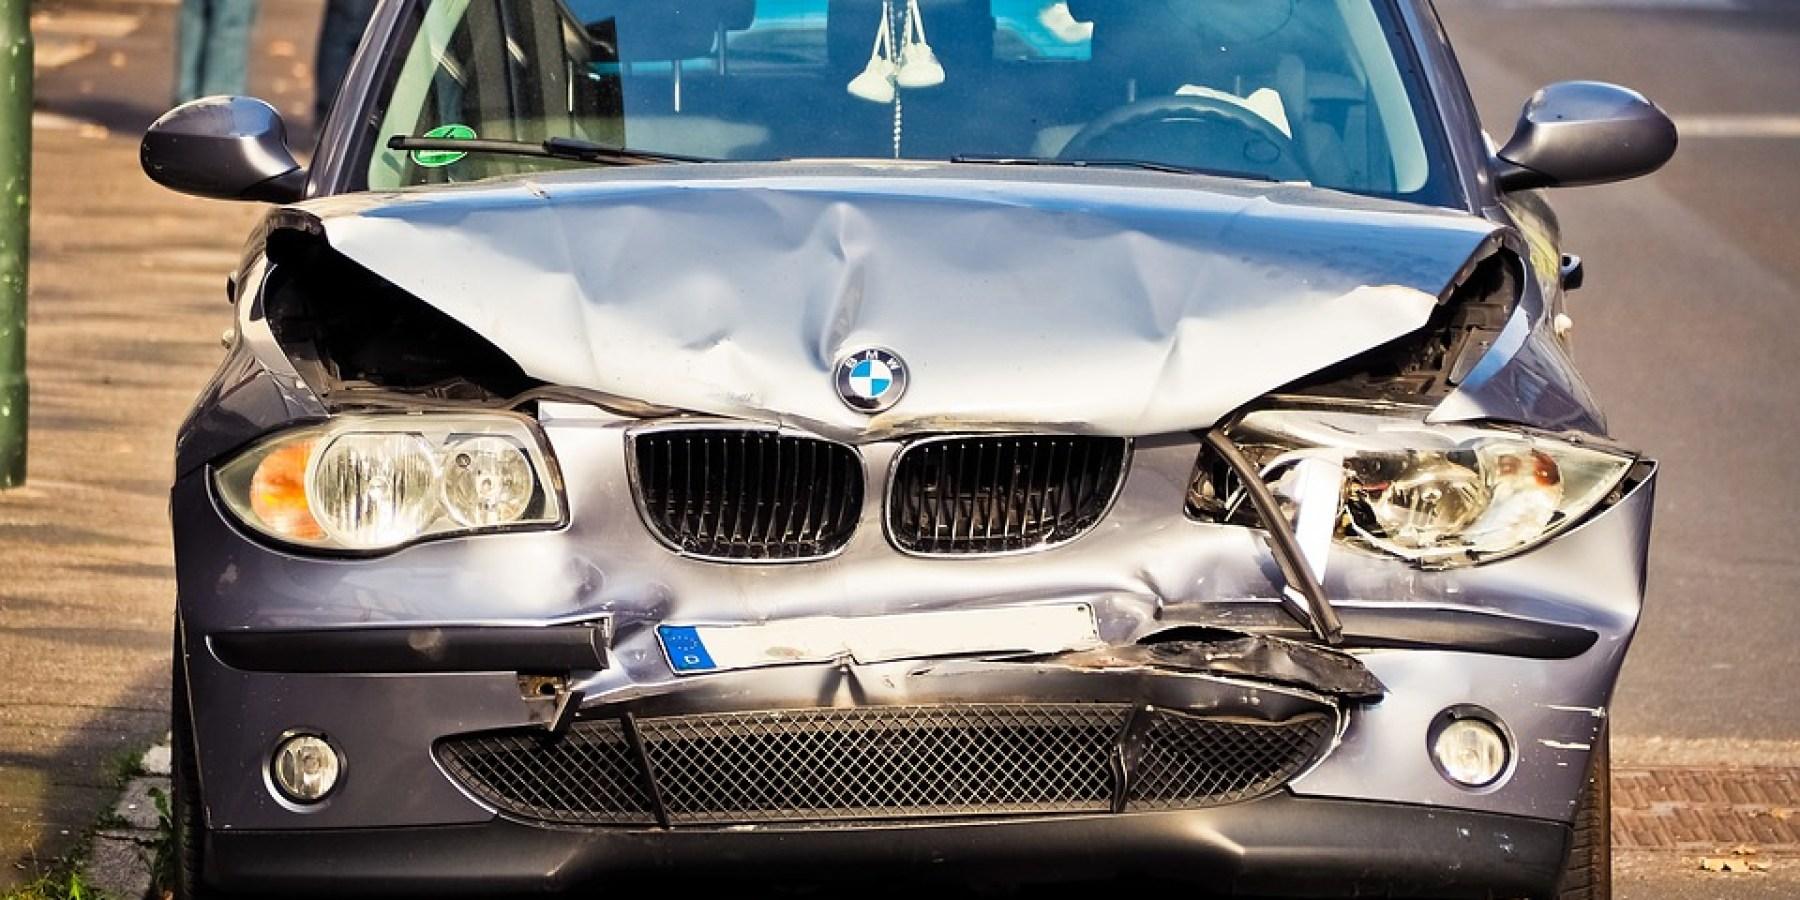 Betrunken Kontrolle über Auto verloren